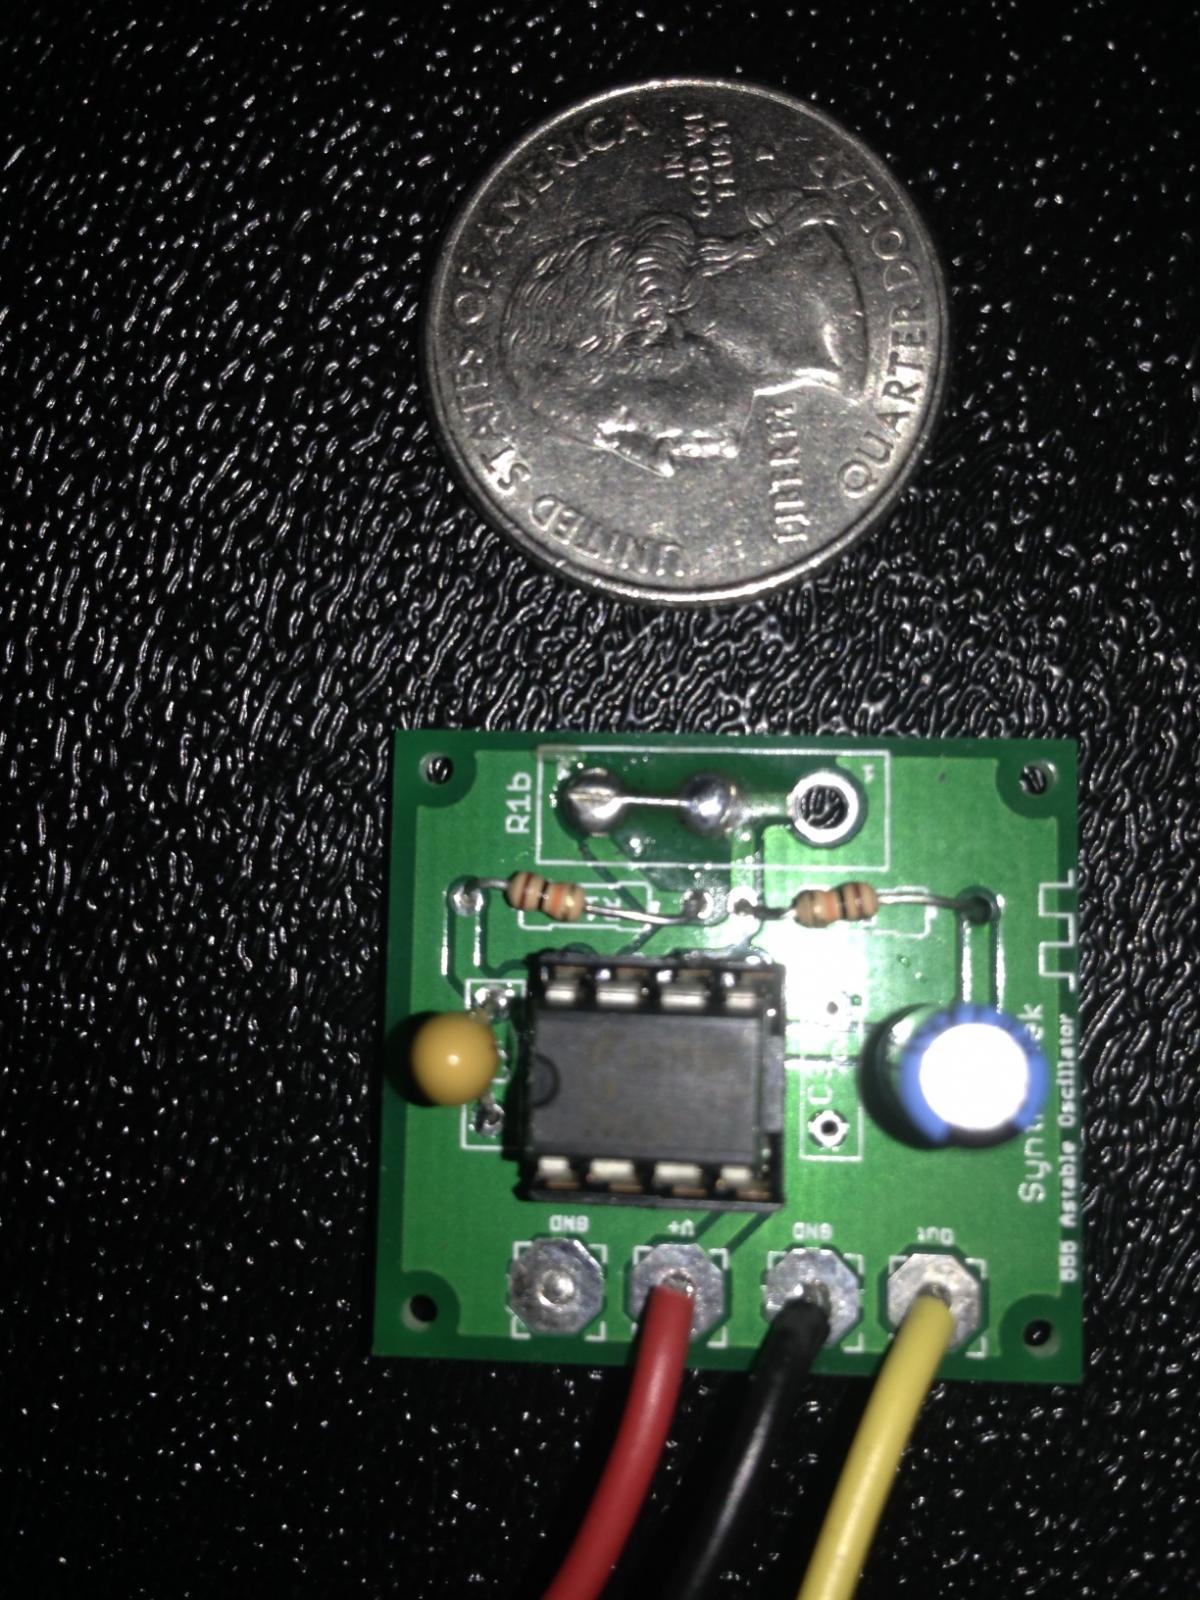 555 Pulse Sequencer Circuit Simulator